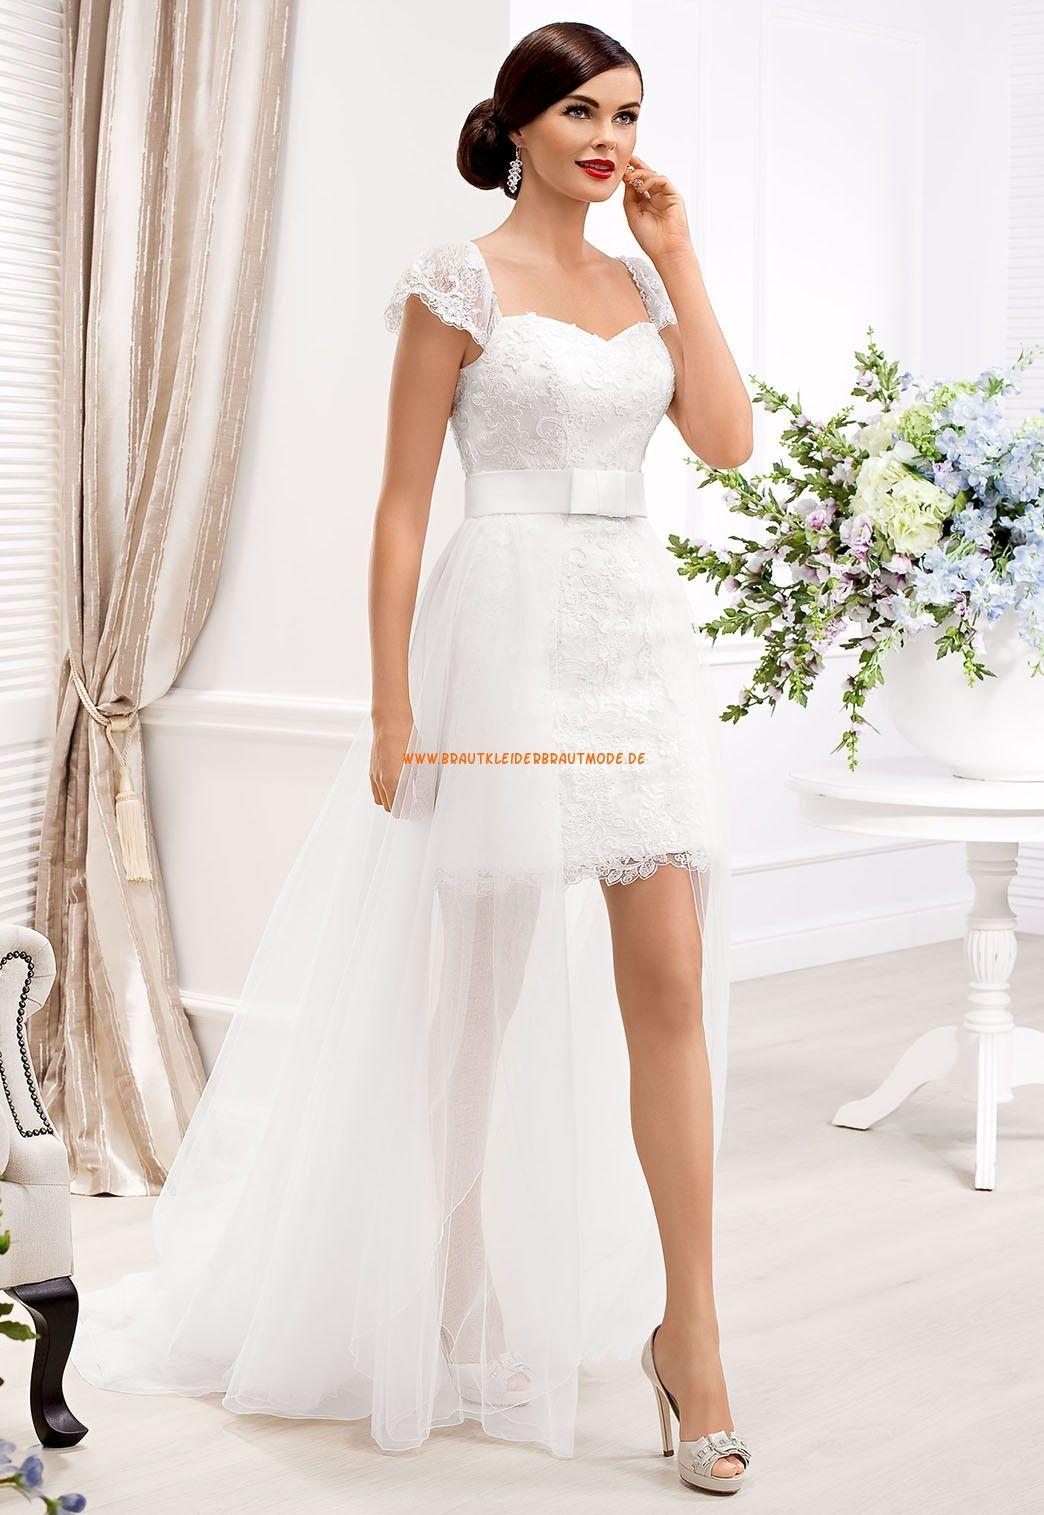 Ausgefallene Schenkellange Hochzeitskleider aus Spitze | Hochzeit ...